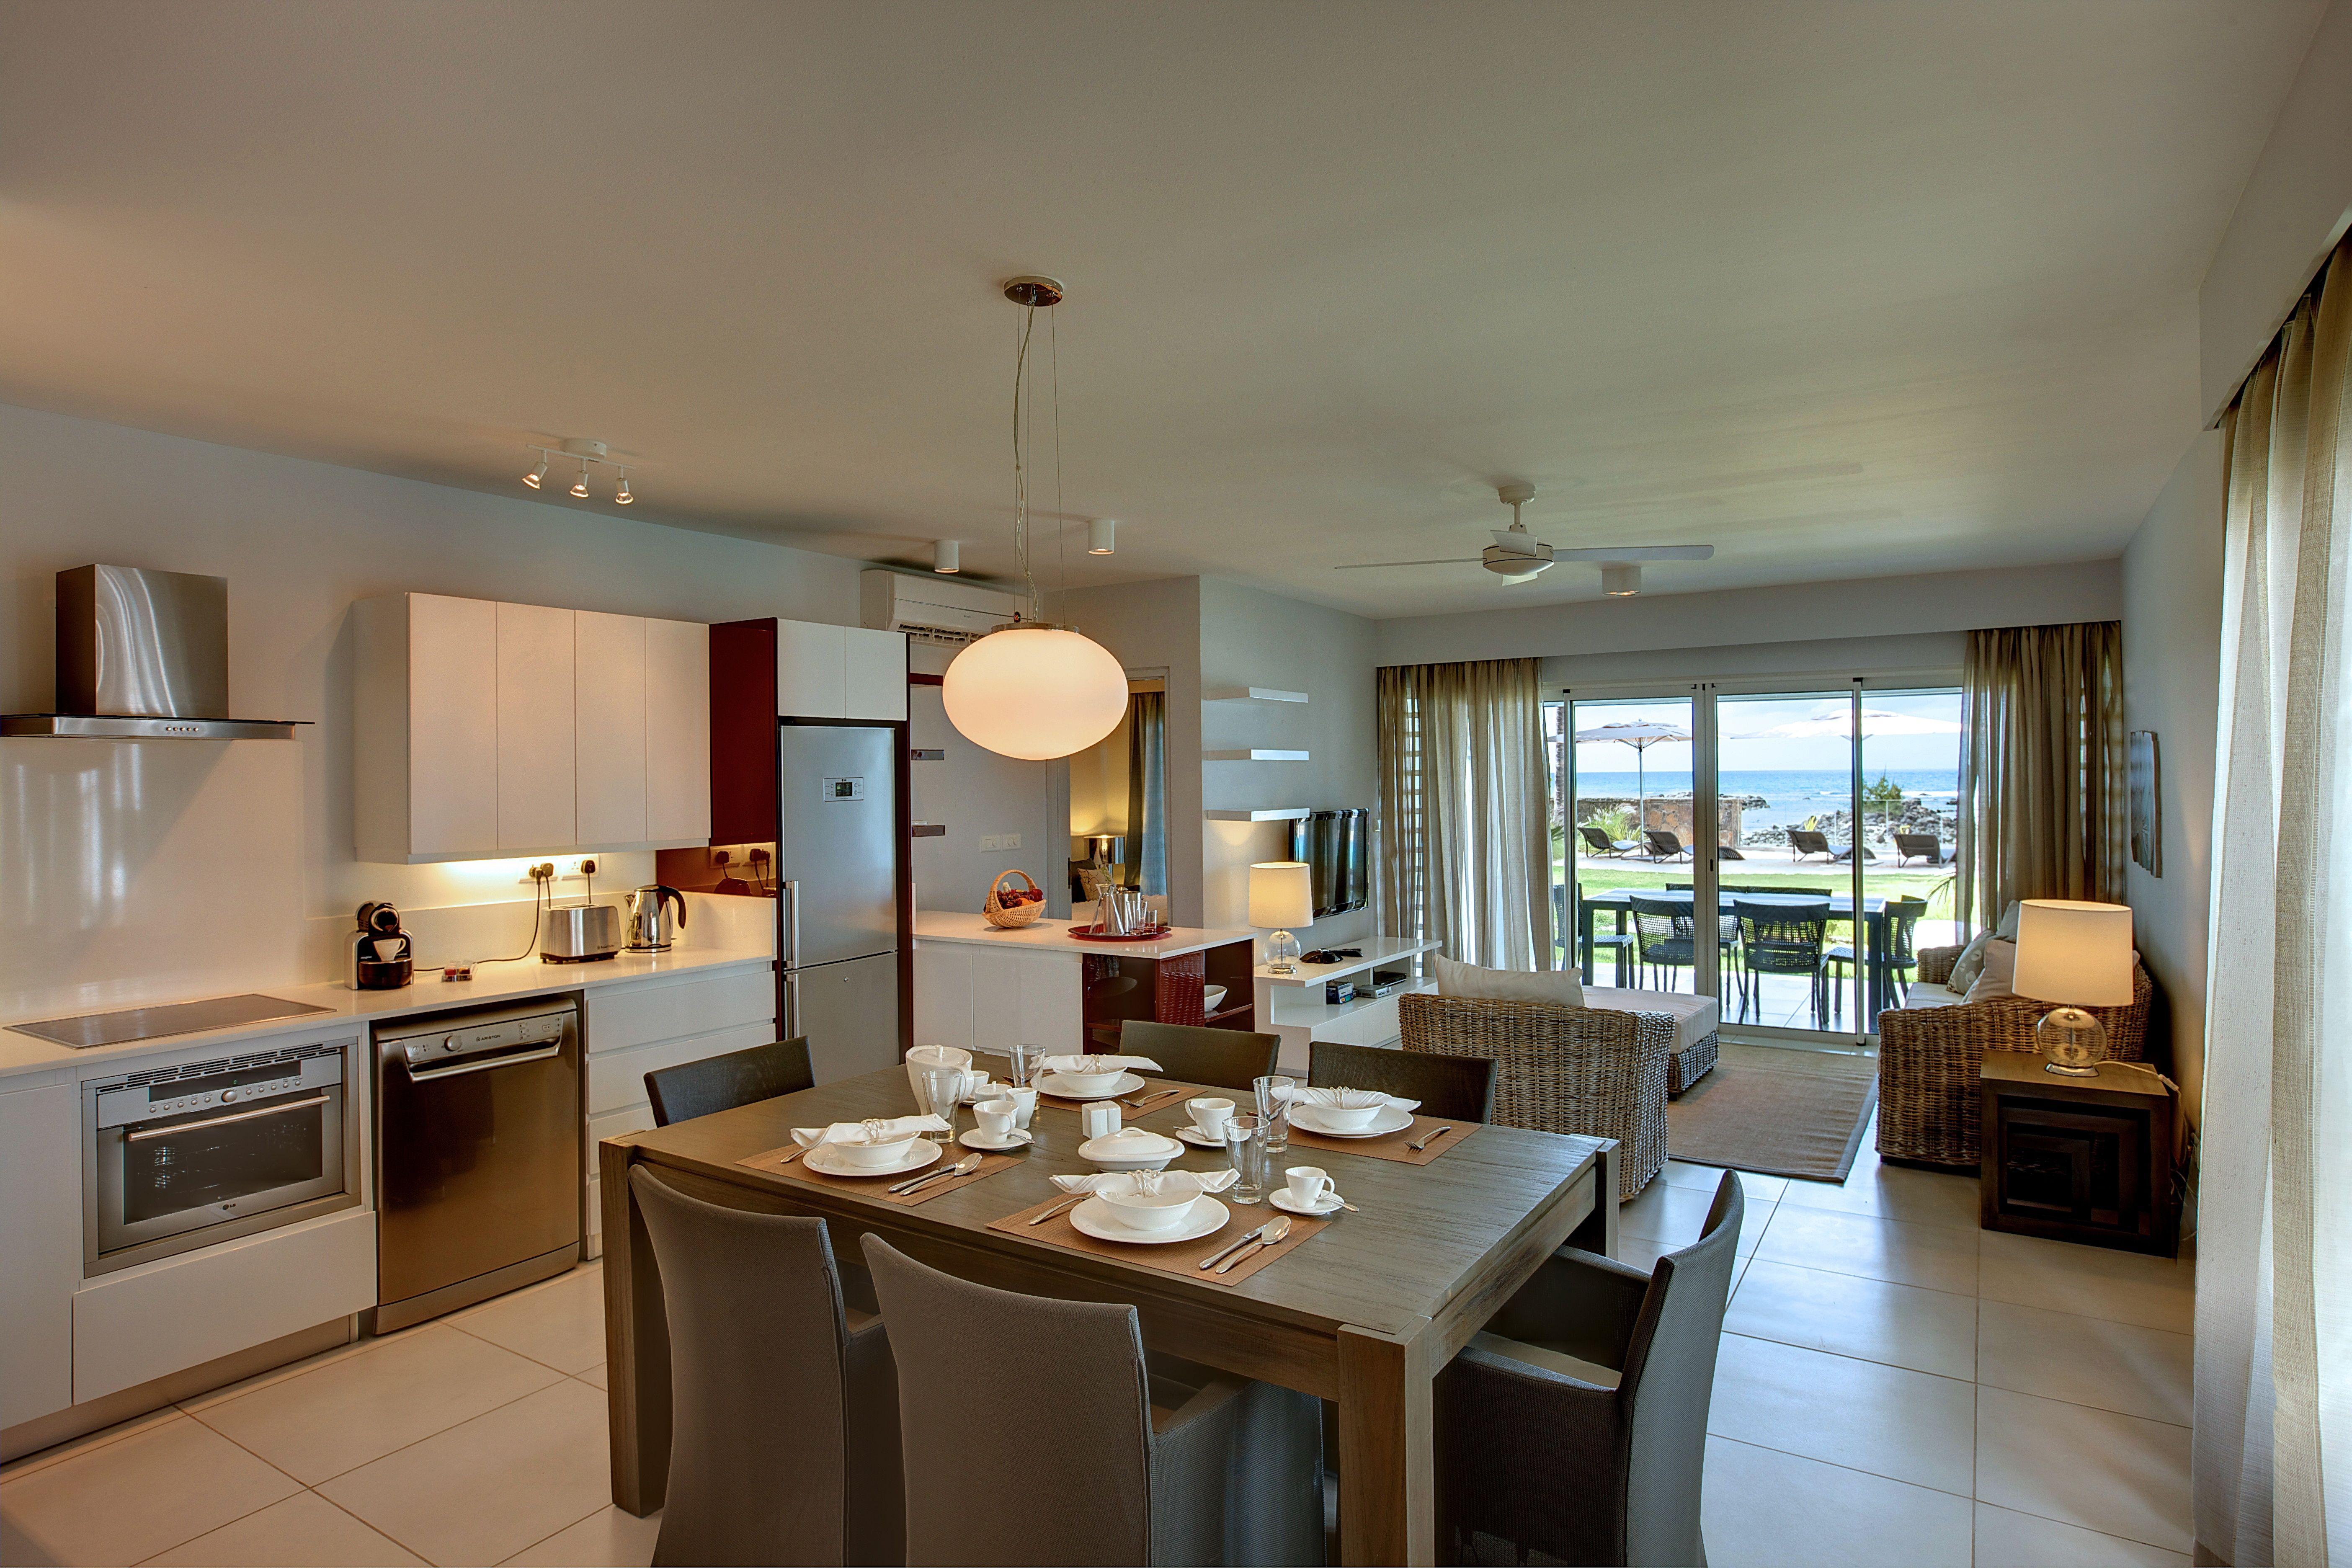 Inside of the Beachfront apartment Kitchen, Kitchen